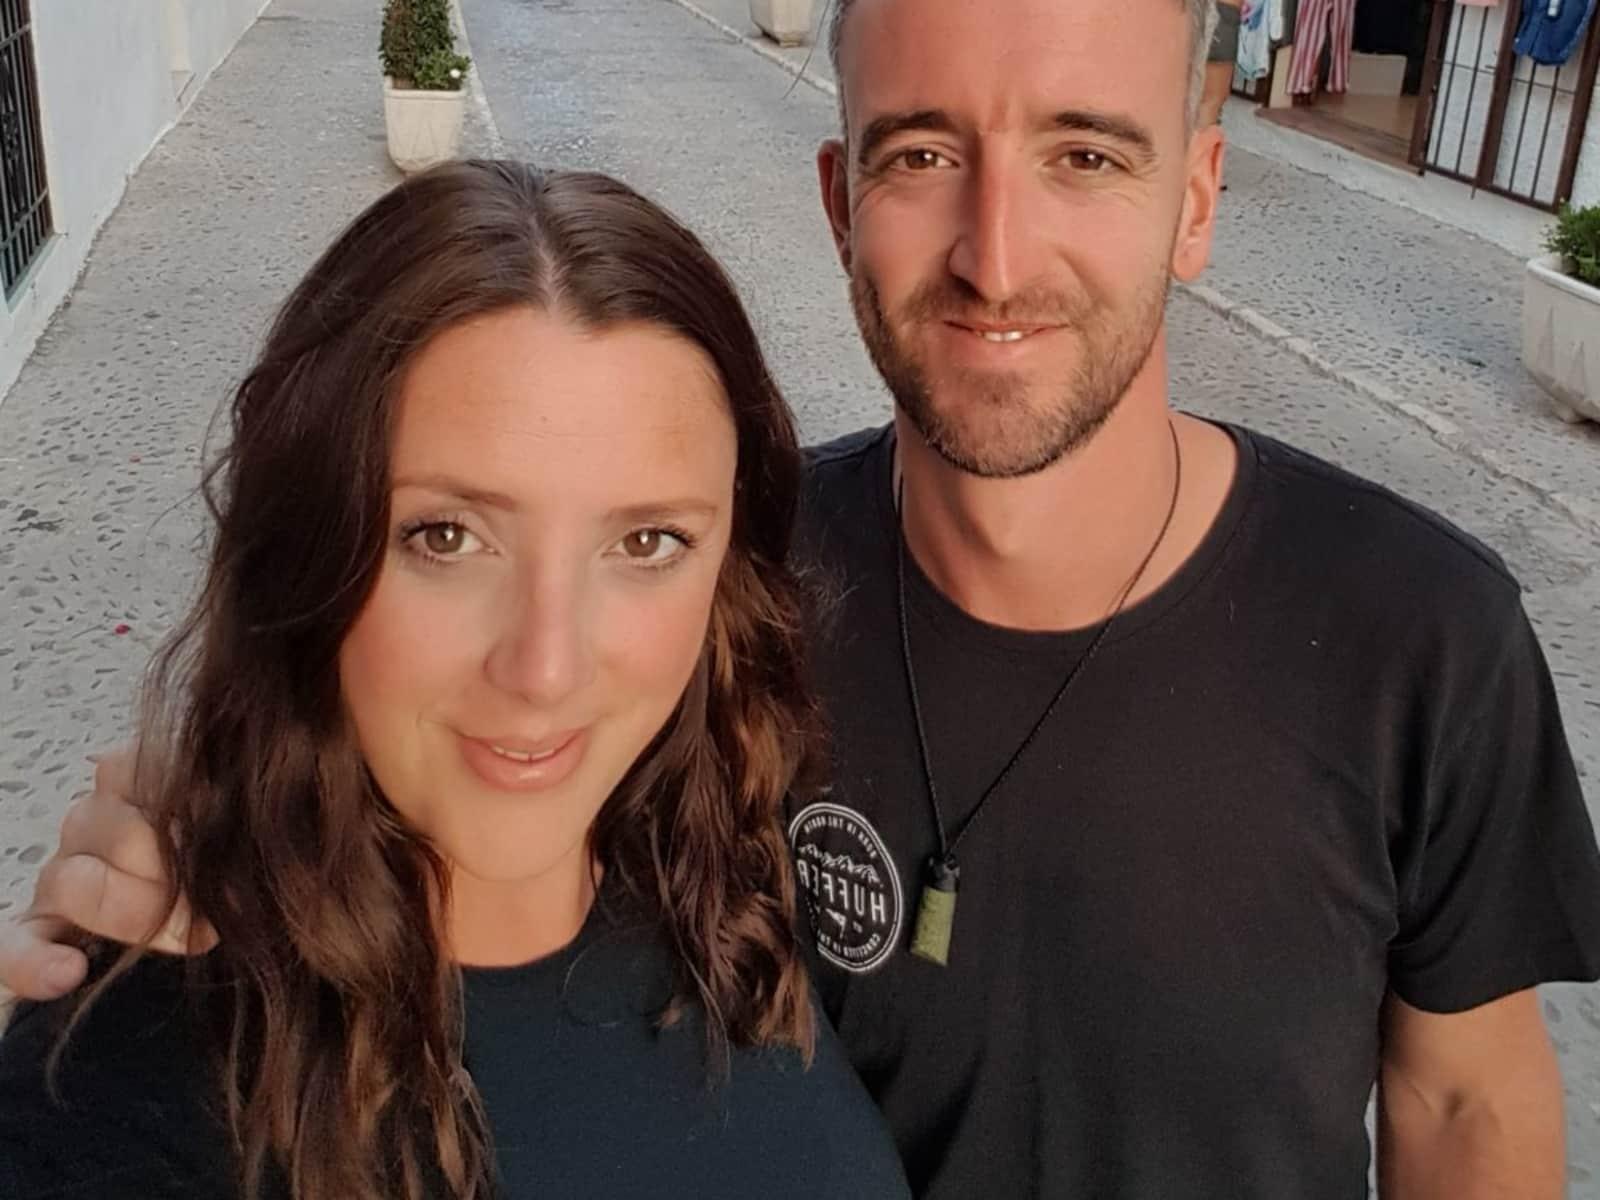 Sophie & Dan from Swansea, United Kingdom